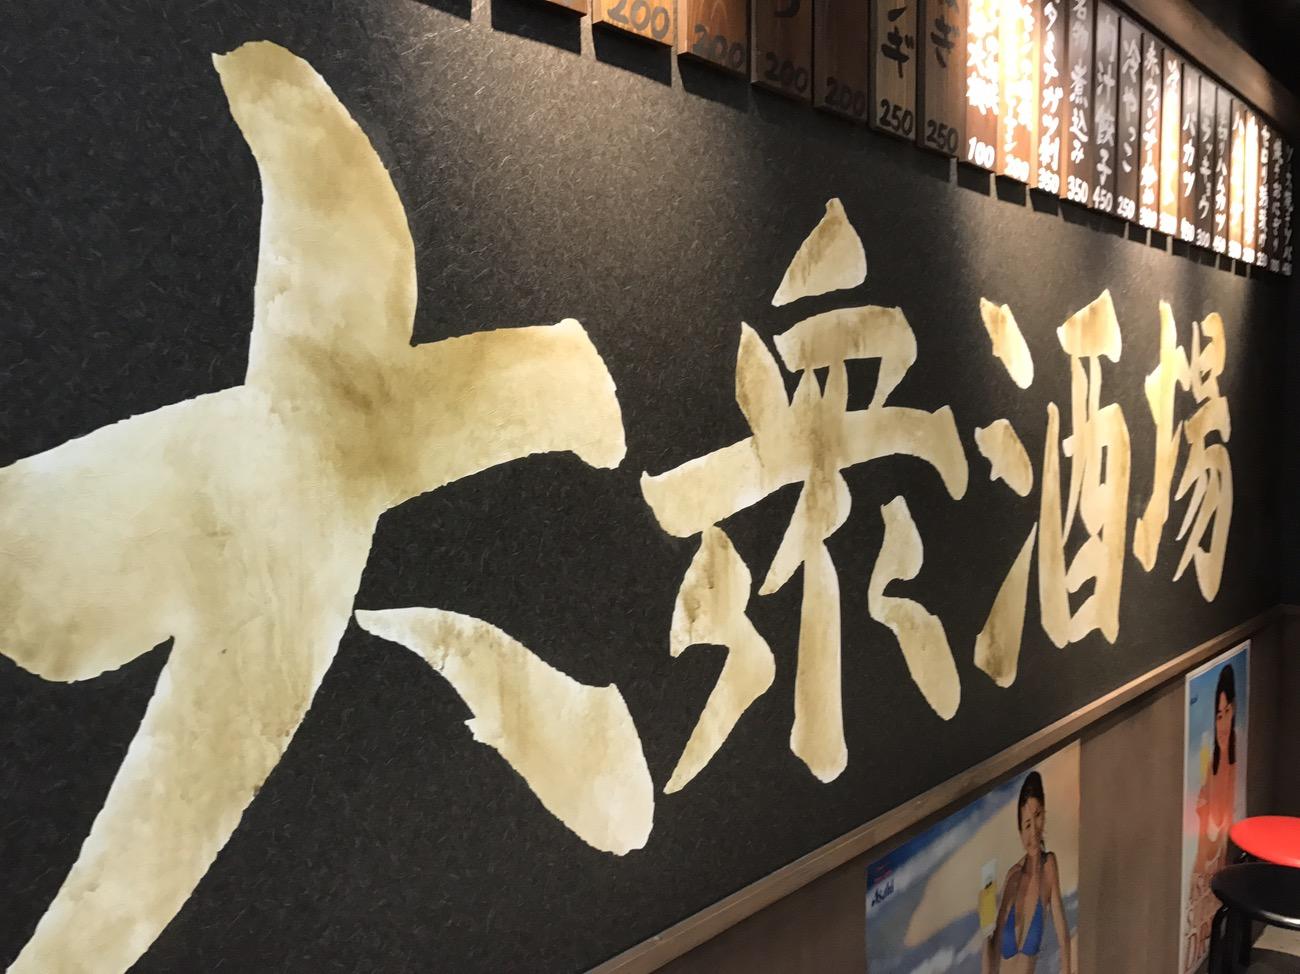 やるきホルモン 新宿名店横丁